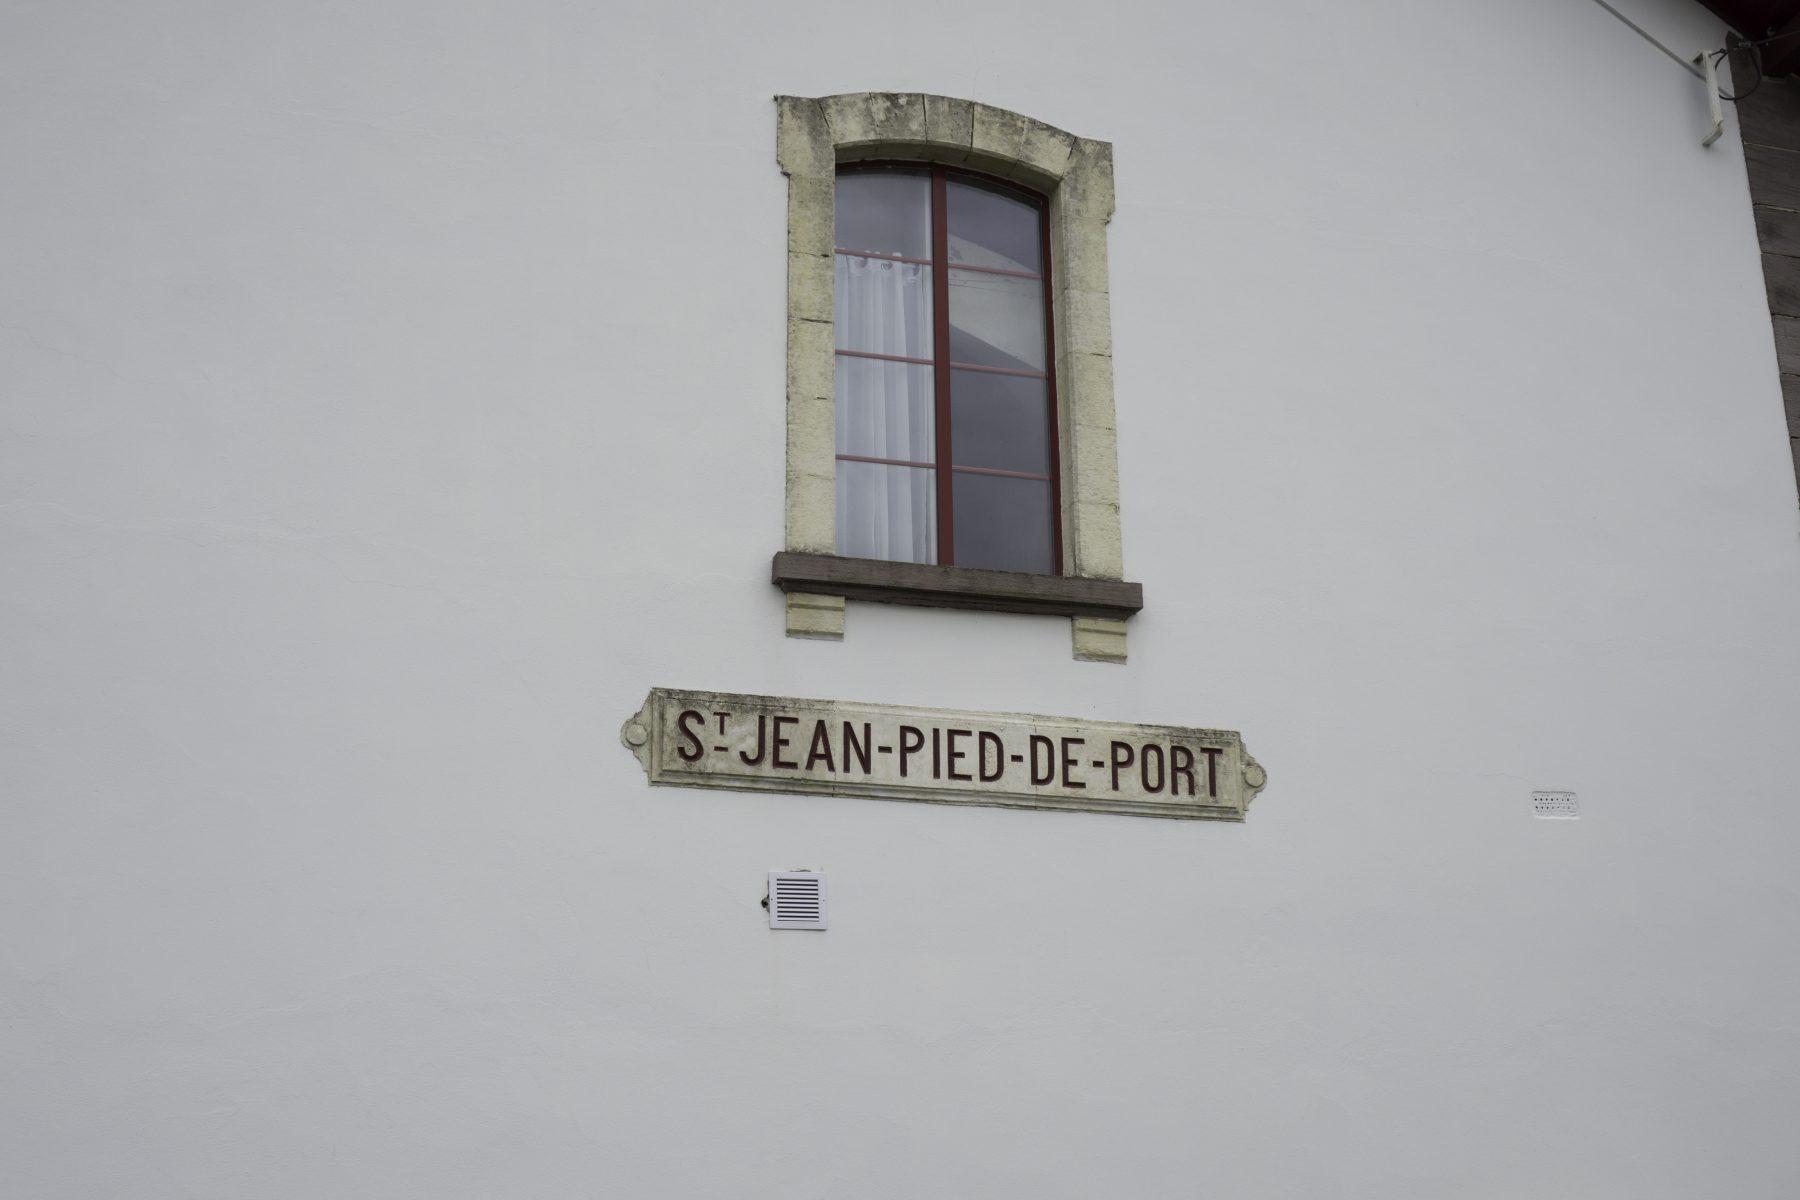 camino de santiago saint jean pied de port-2